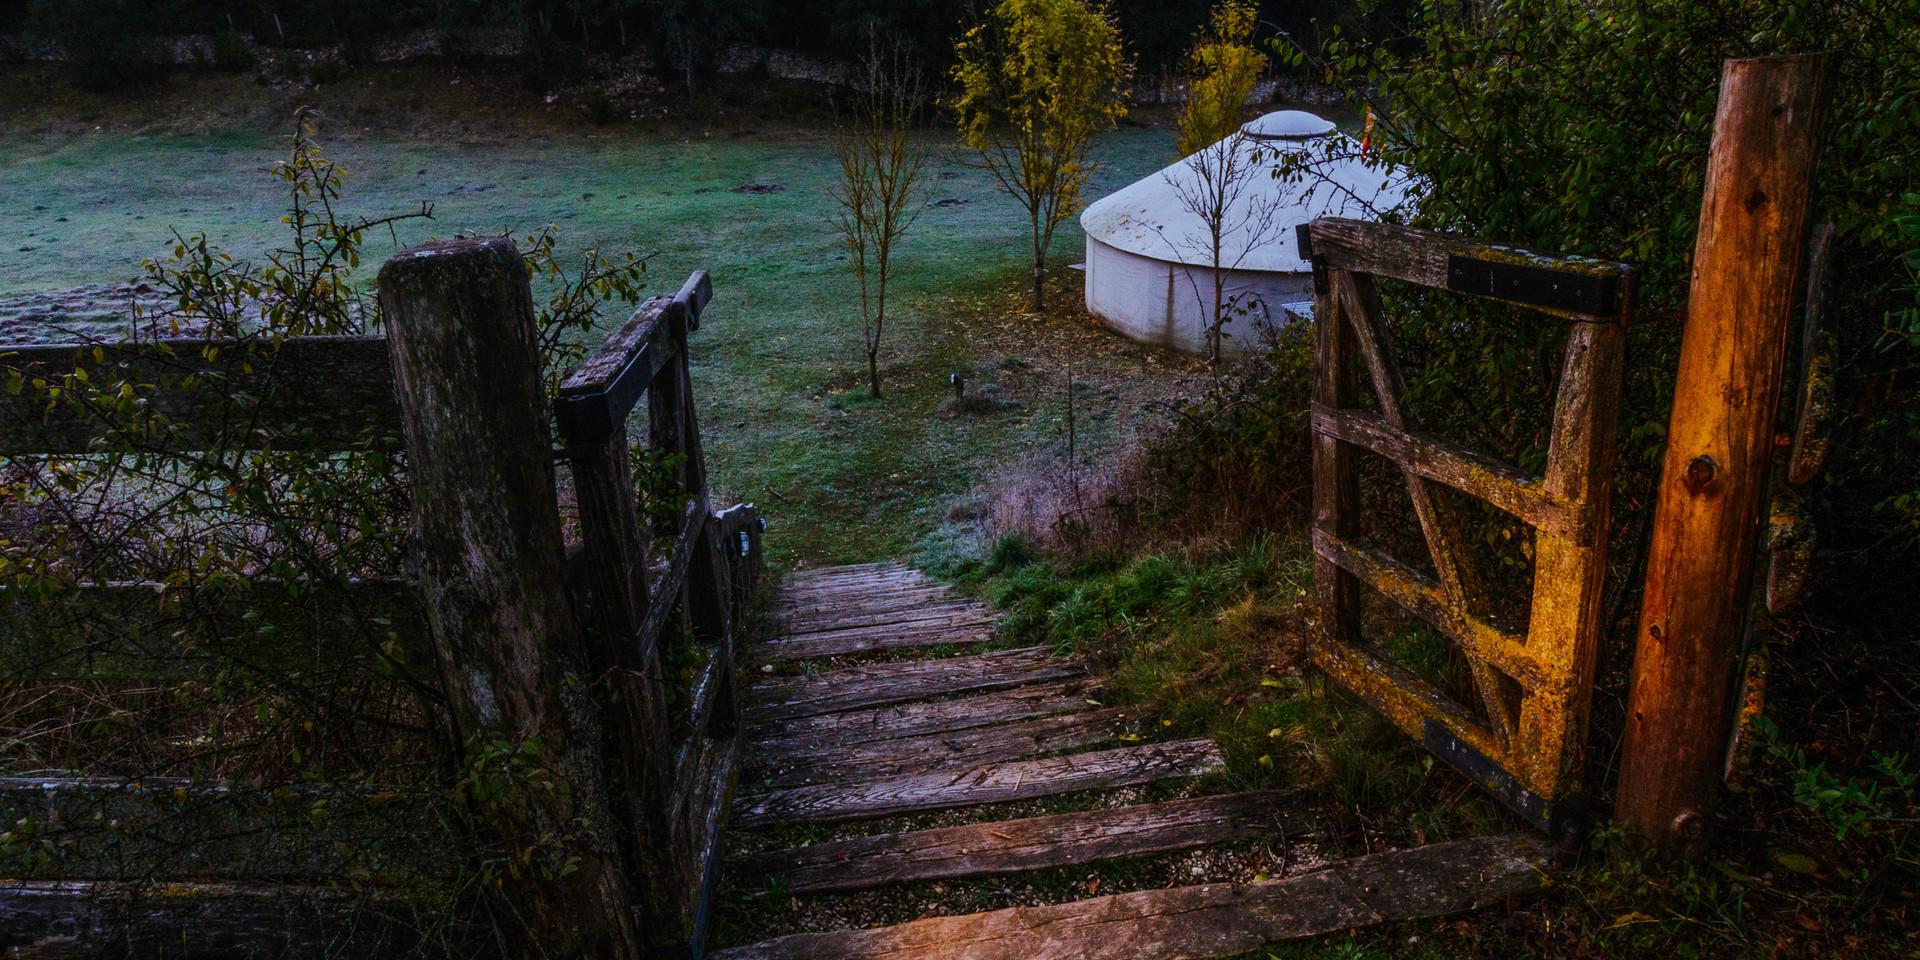 Jose Luis_MG_9134-HDR.jpg